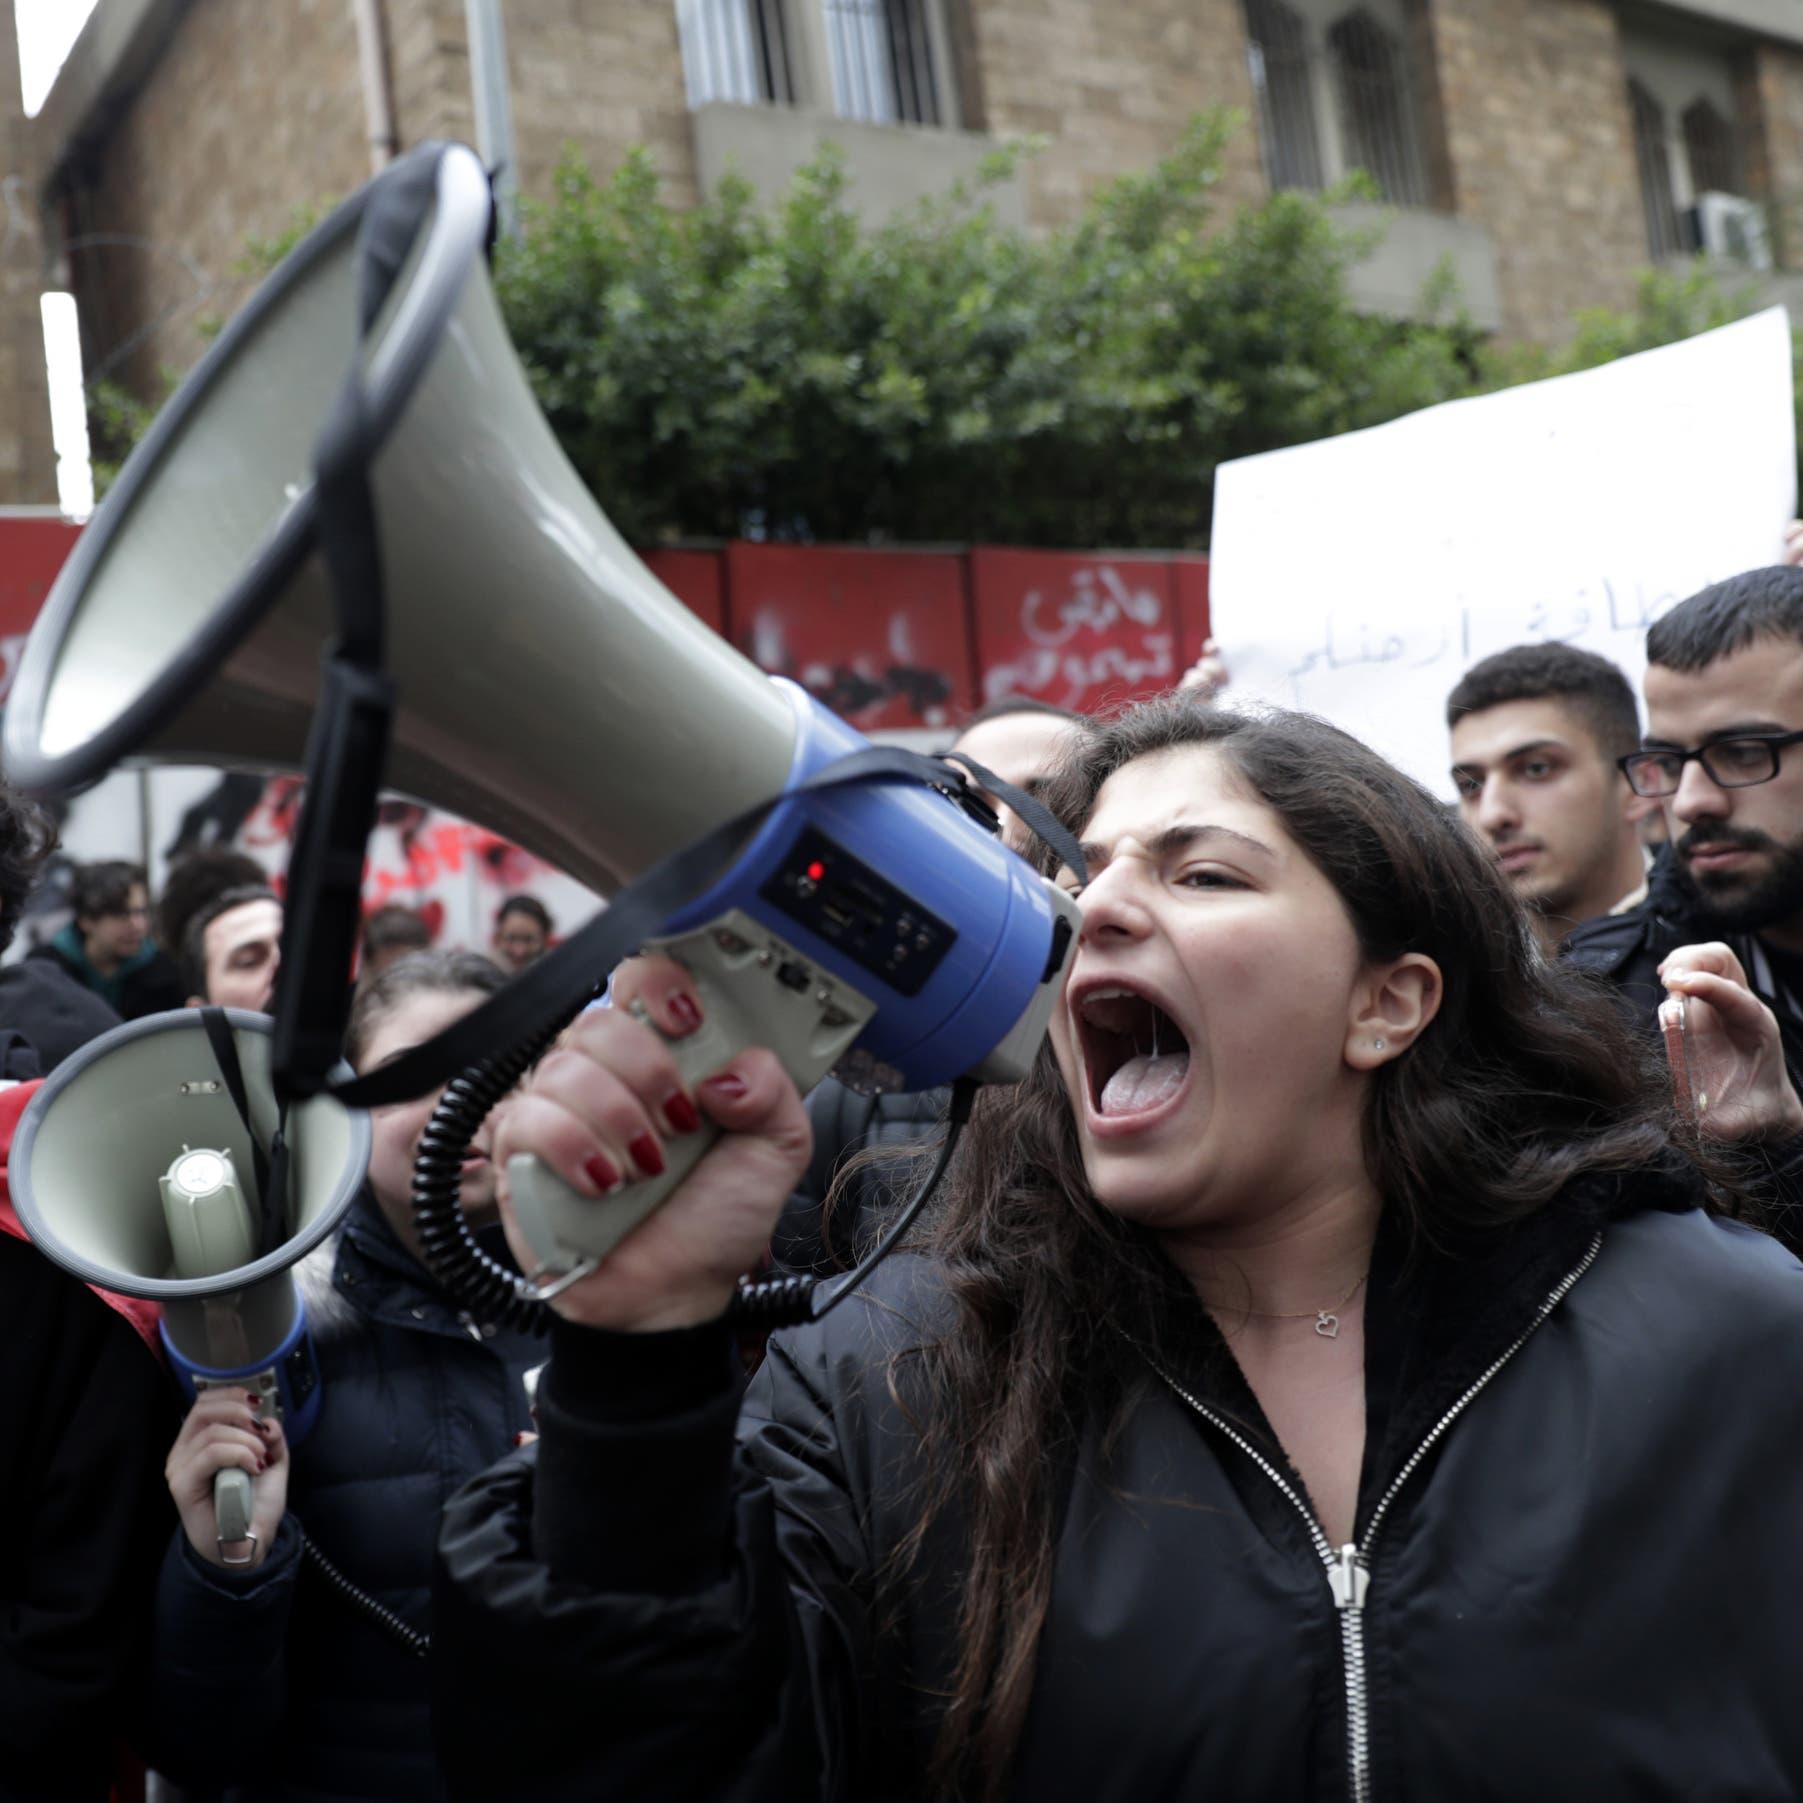 منظمات حقوقية تُشكل تحالفاً للدفاع عن حرية التعبير في لبنان